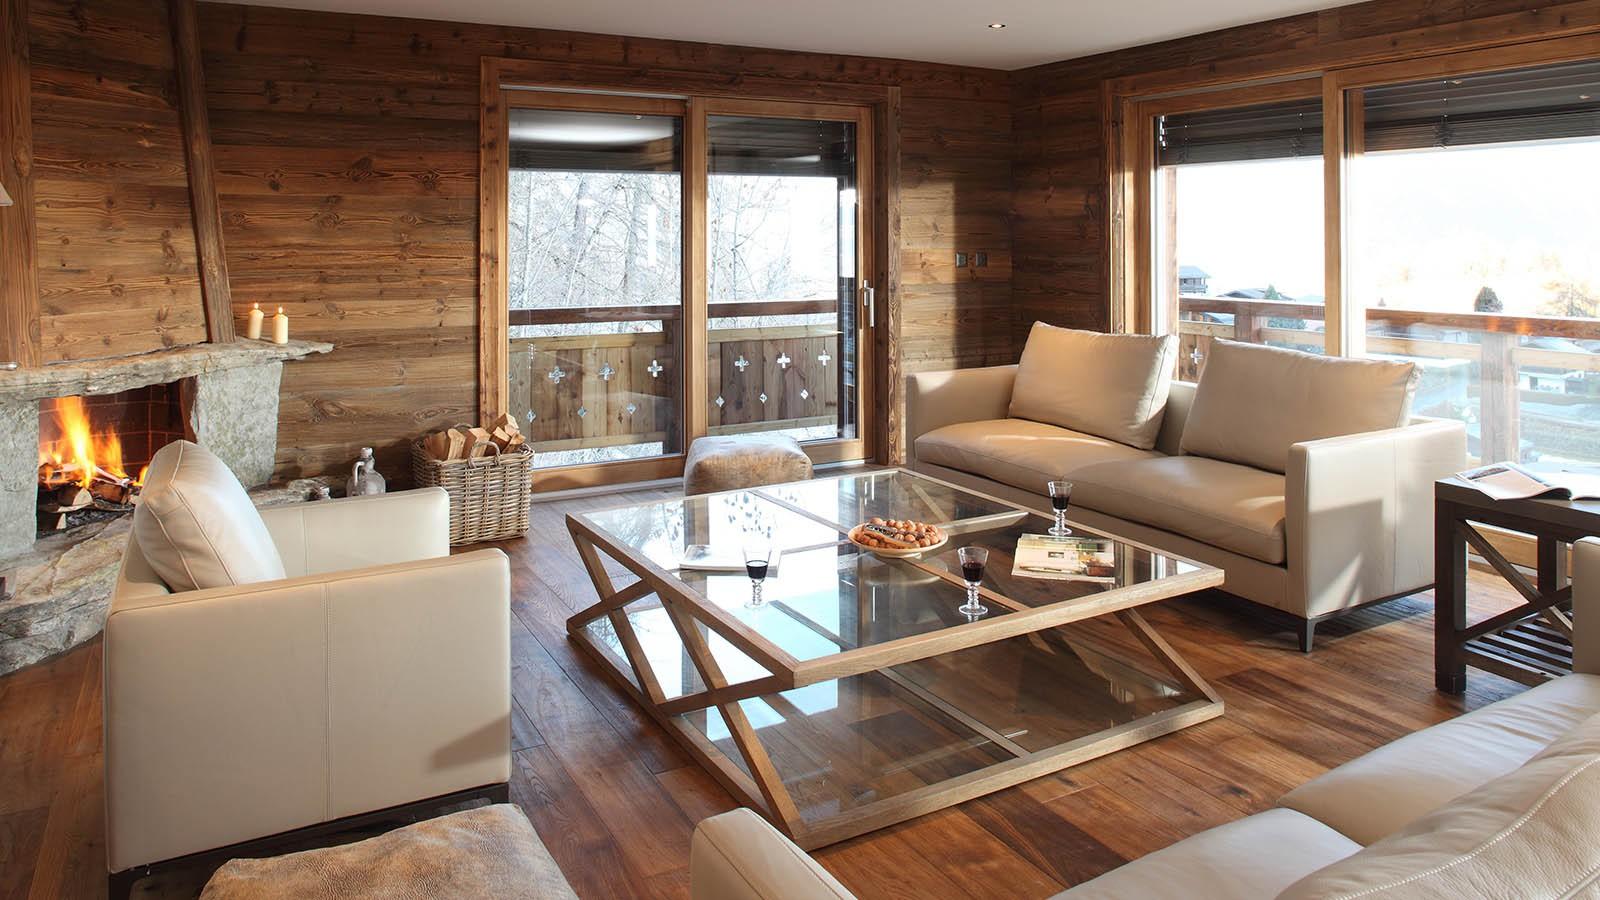 Lounge, Chalet Rosablanche - Ski Chalet in Nendaz, Switzerland